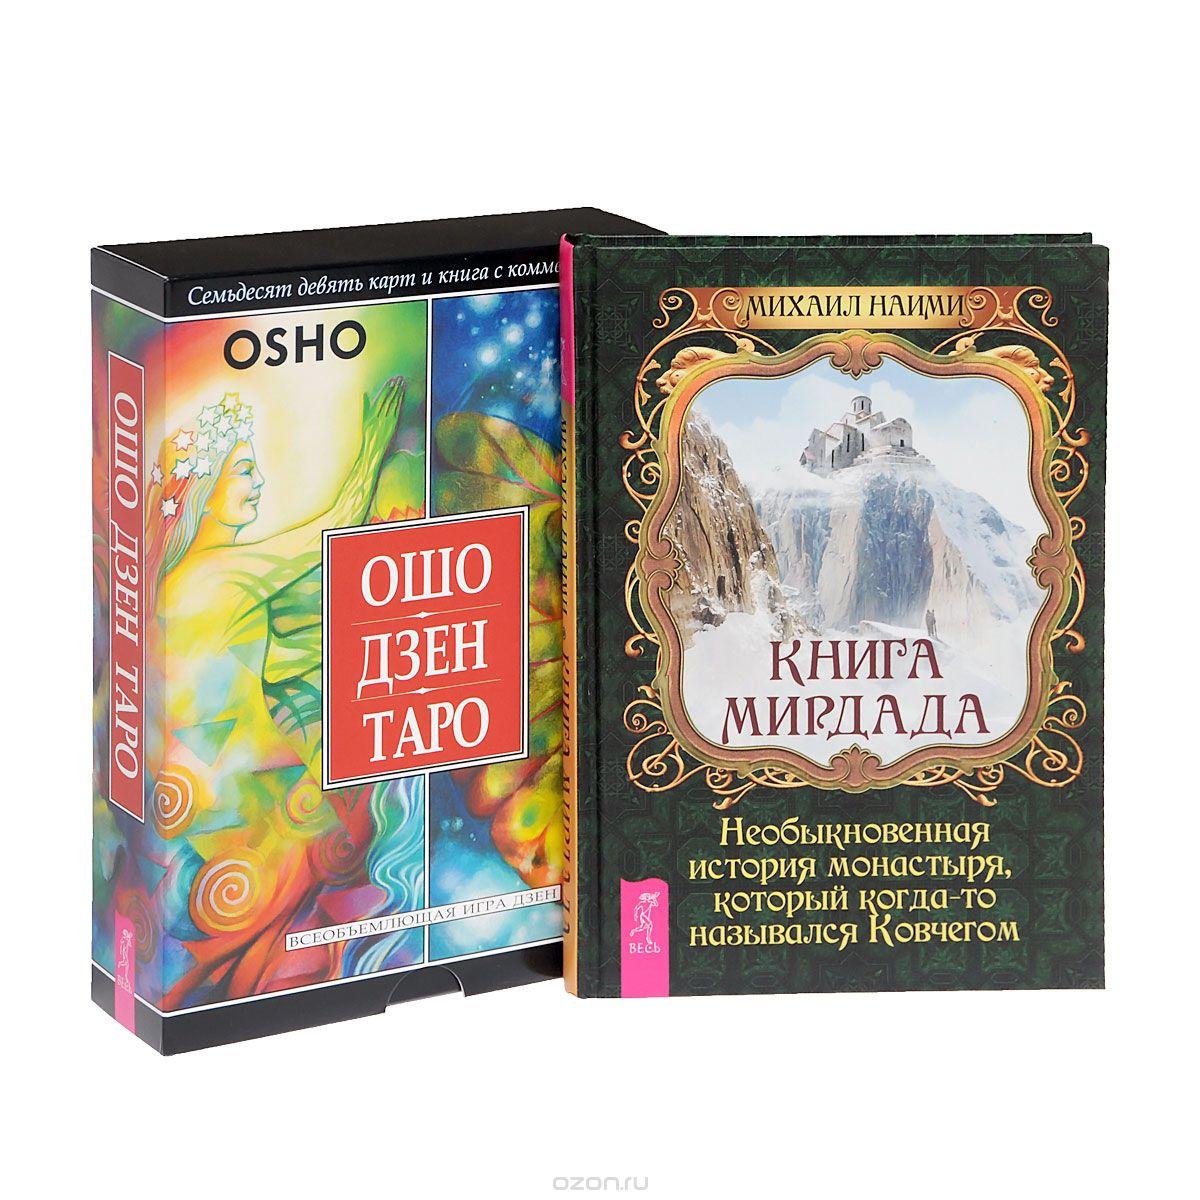 Михаил Наими: Книга Мирдада. Ошо Дзен Таро. Всеобъемлющая игра Дзен (книга + набор из 79 карт)